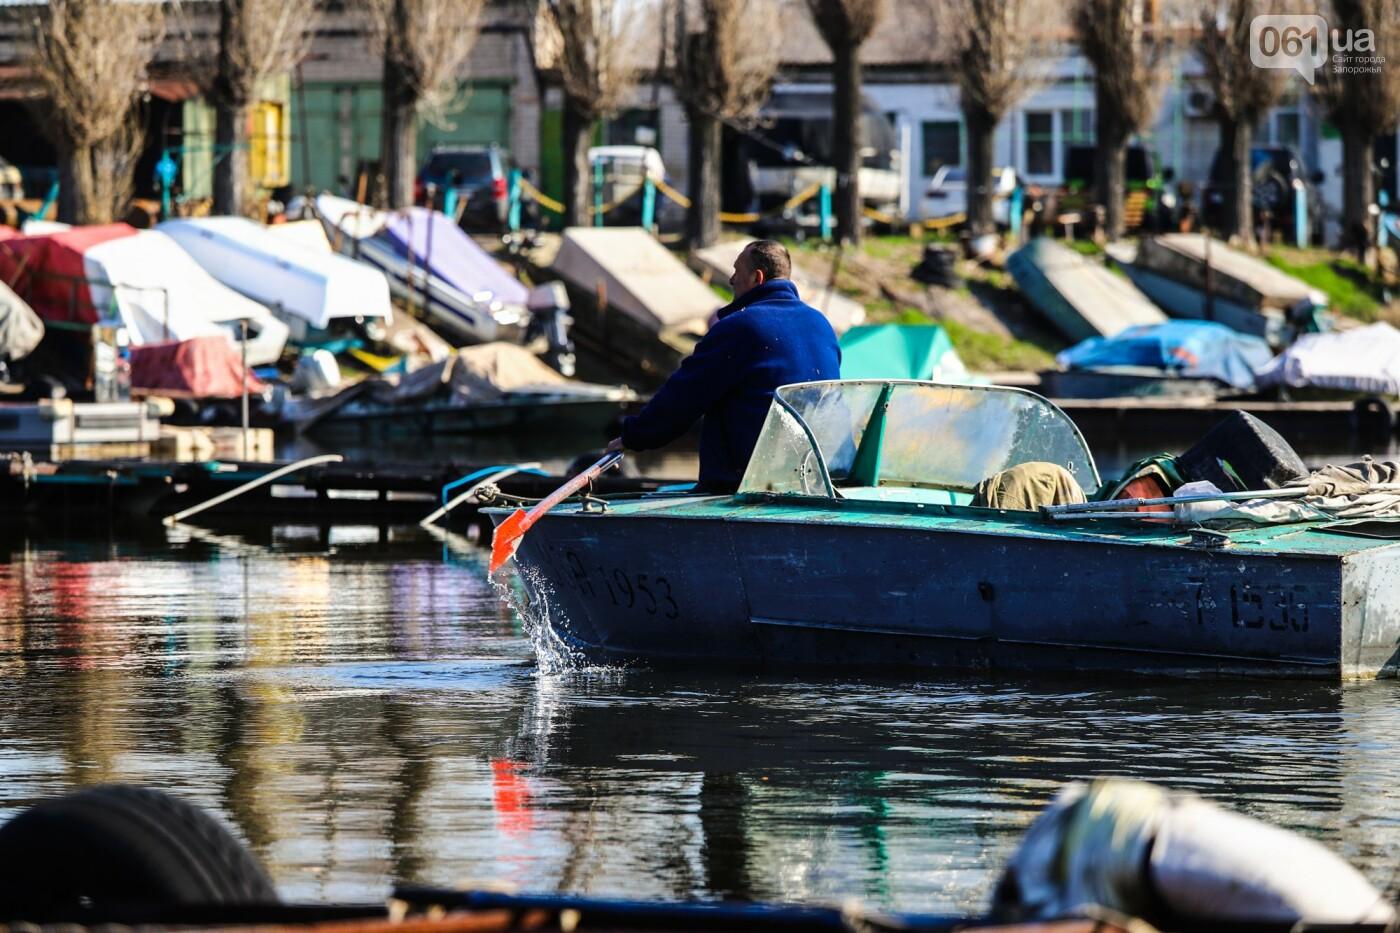 «Семь футов под килем!»: как в запорожском яхт-клубе спускали судна на воду, - ФОТОРЕПОРТАЖ , фото-31